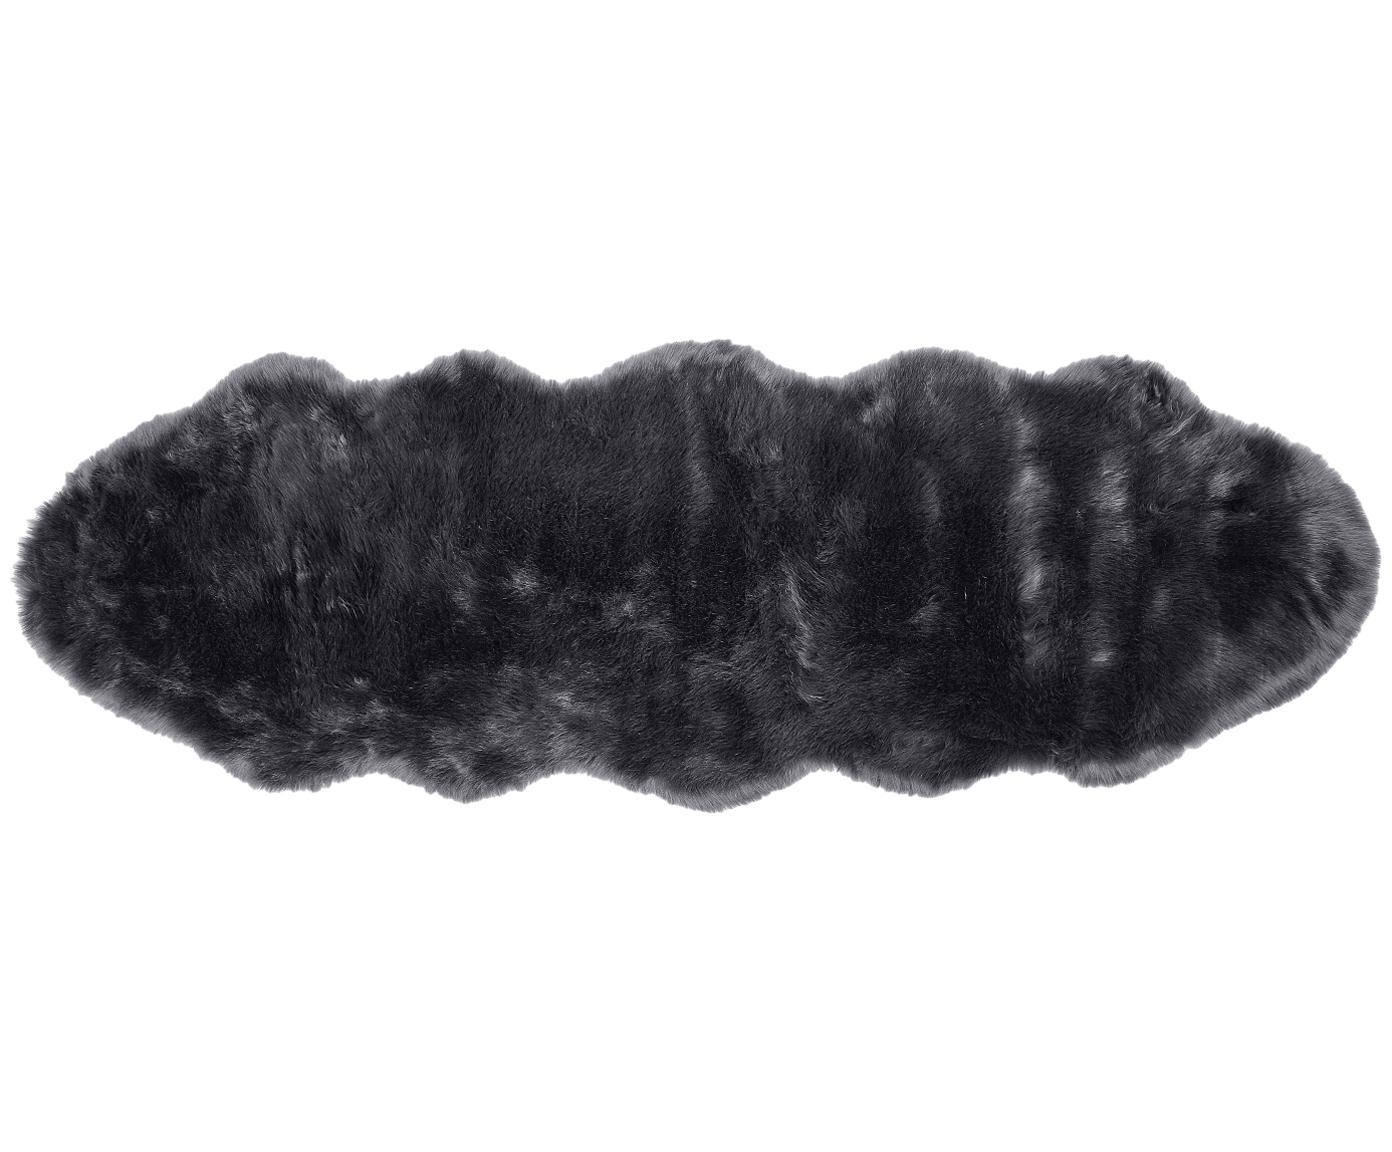 Tappeto in ecopelliccia liscia Mathilde, Retro: 100% poliestere, Grigio scuro, Larg. 60 x Lung. 180 cm